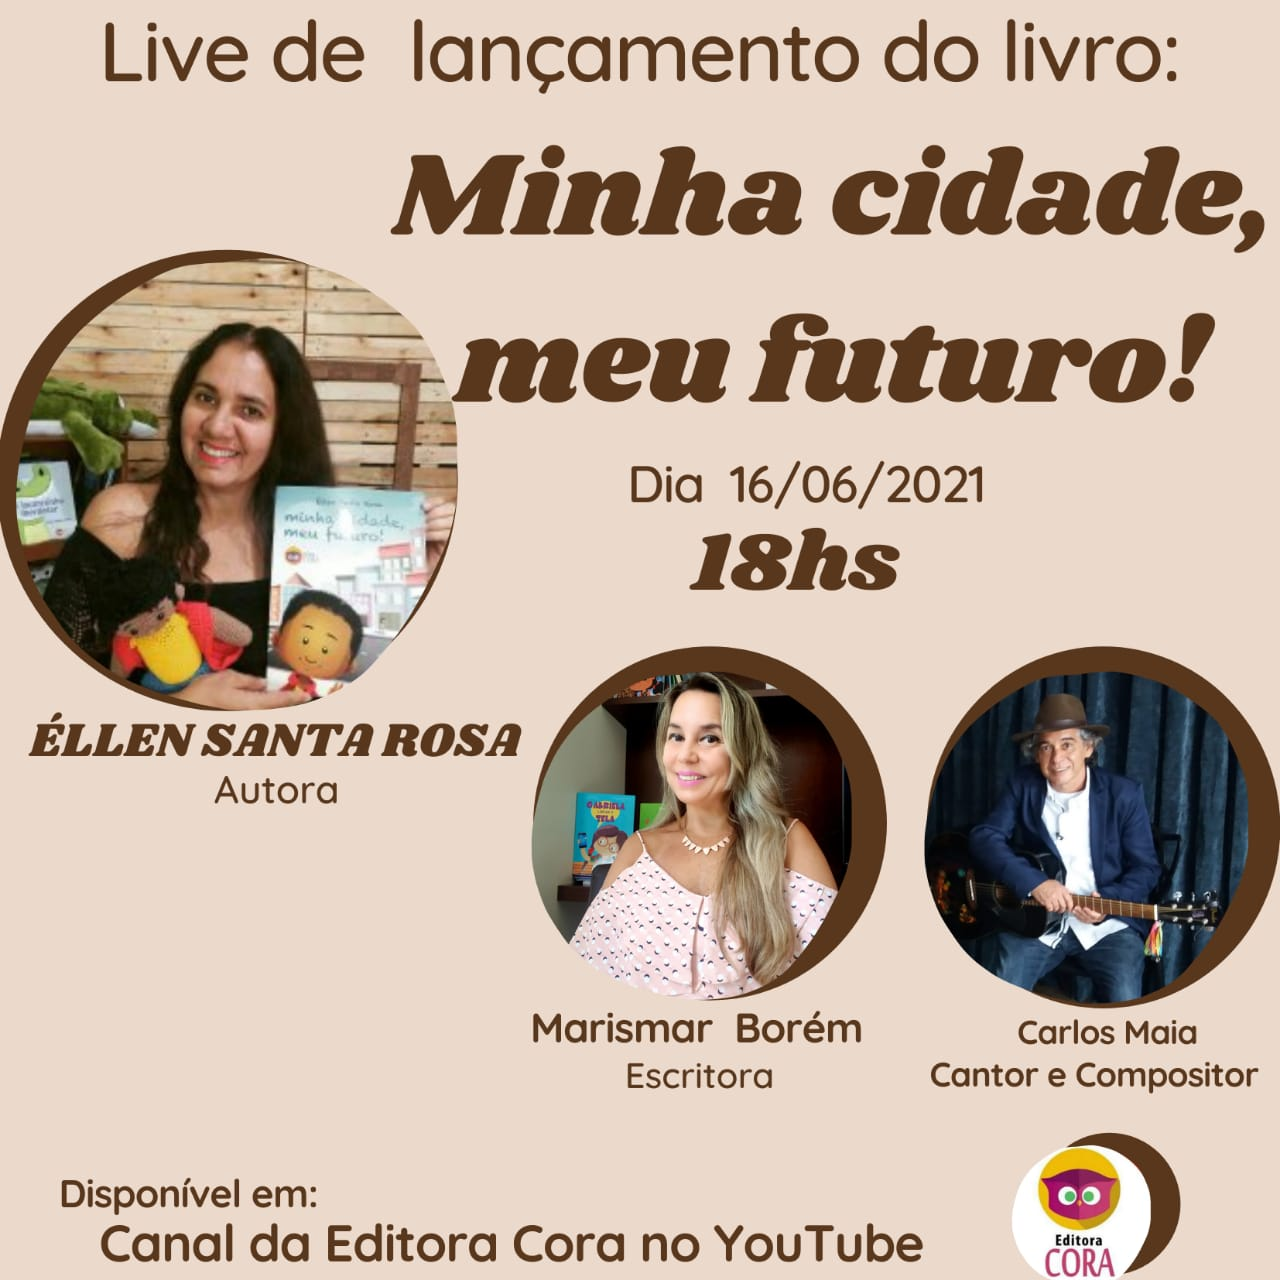 """Imagem de destaque """"MINHA CIDADE, MEU FUTURO"""" - Lançamento do novo livro da coordenadora do Trilha da Leitura acontece hoje"""